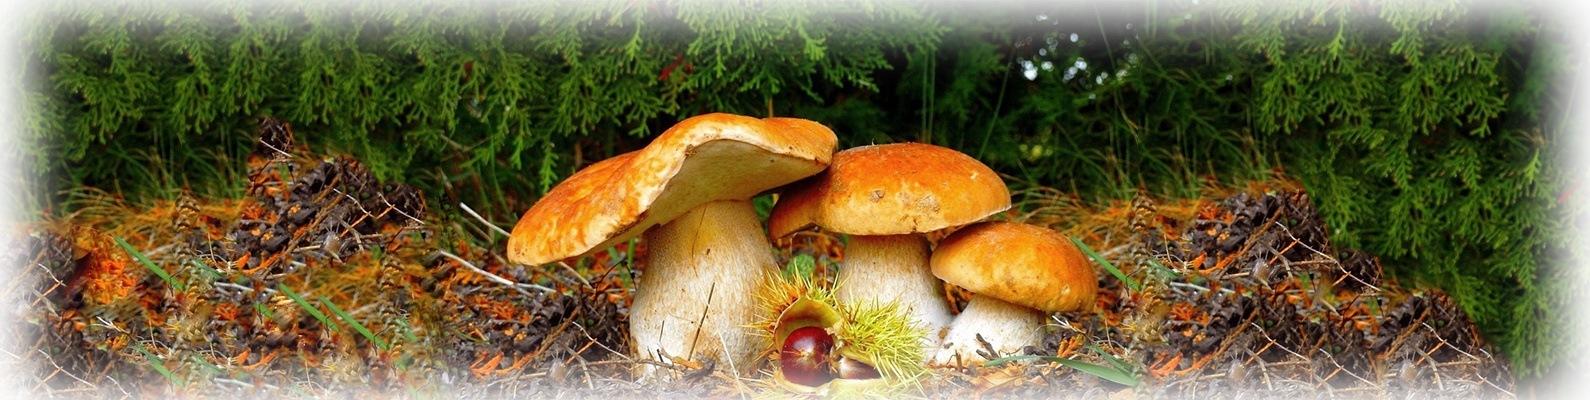 грибы самарской обл в контакте